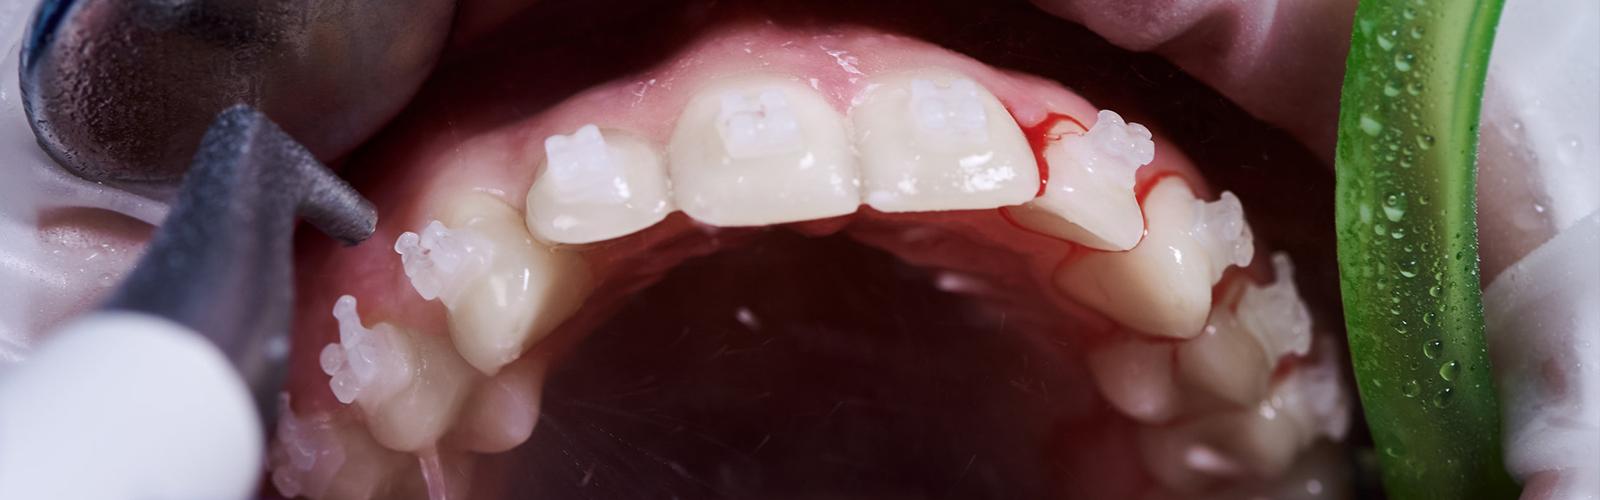 periodoncista-en-gurgaon-india